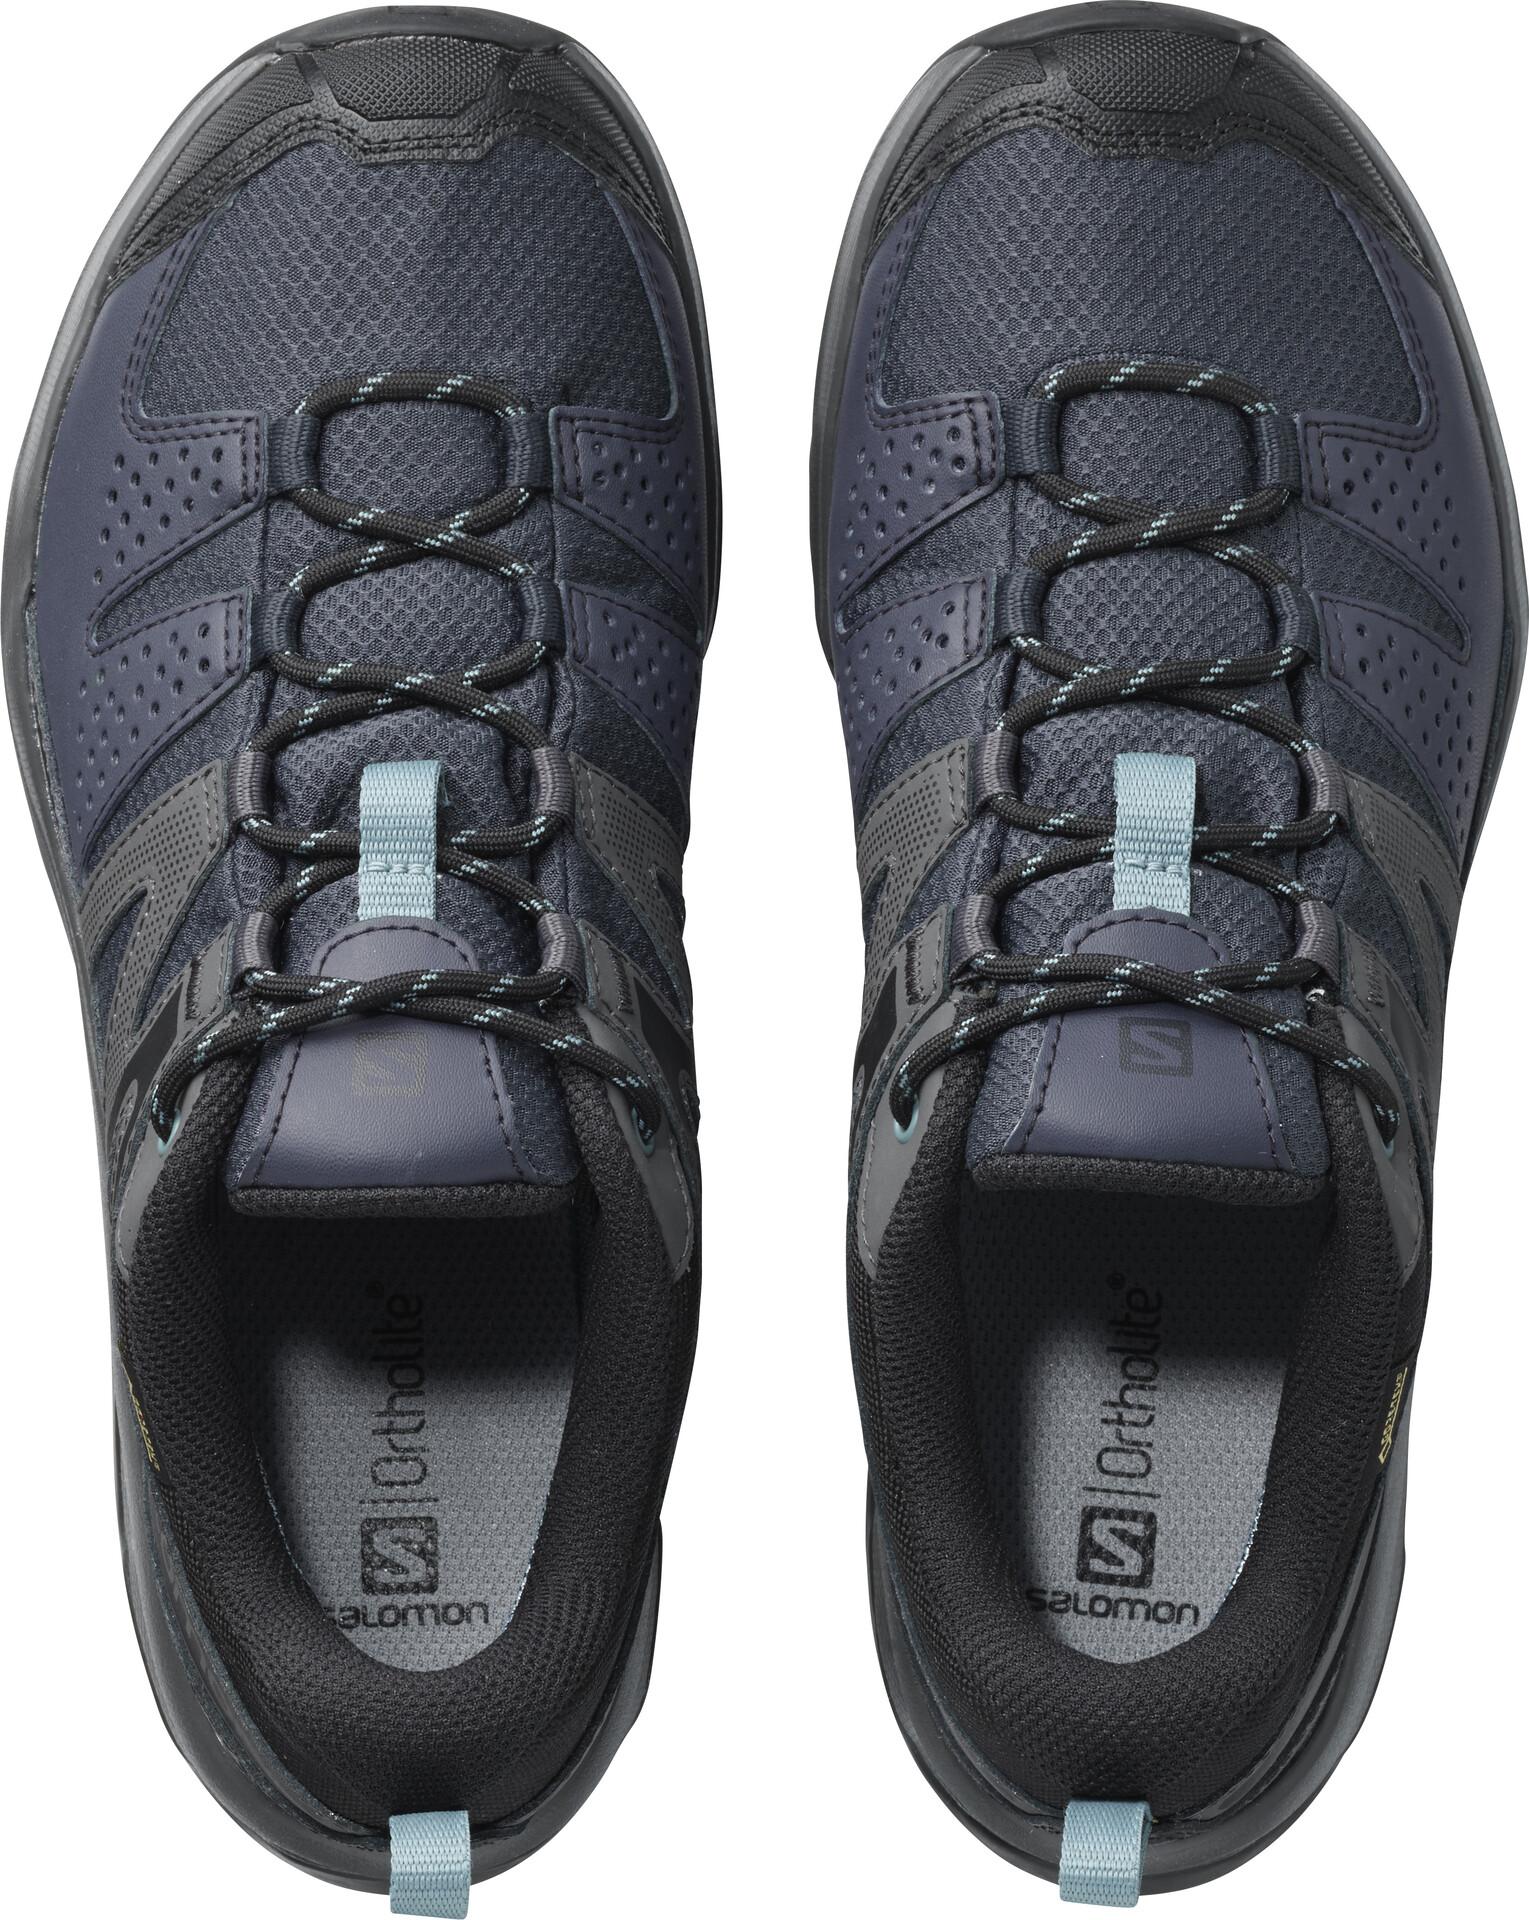 Radiant Gtx Salomon Chaussures X FemmeGraphitemagnettrellis CQdxoWBreE